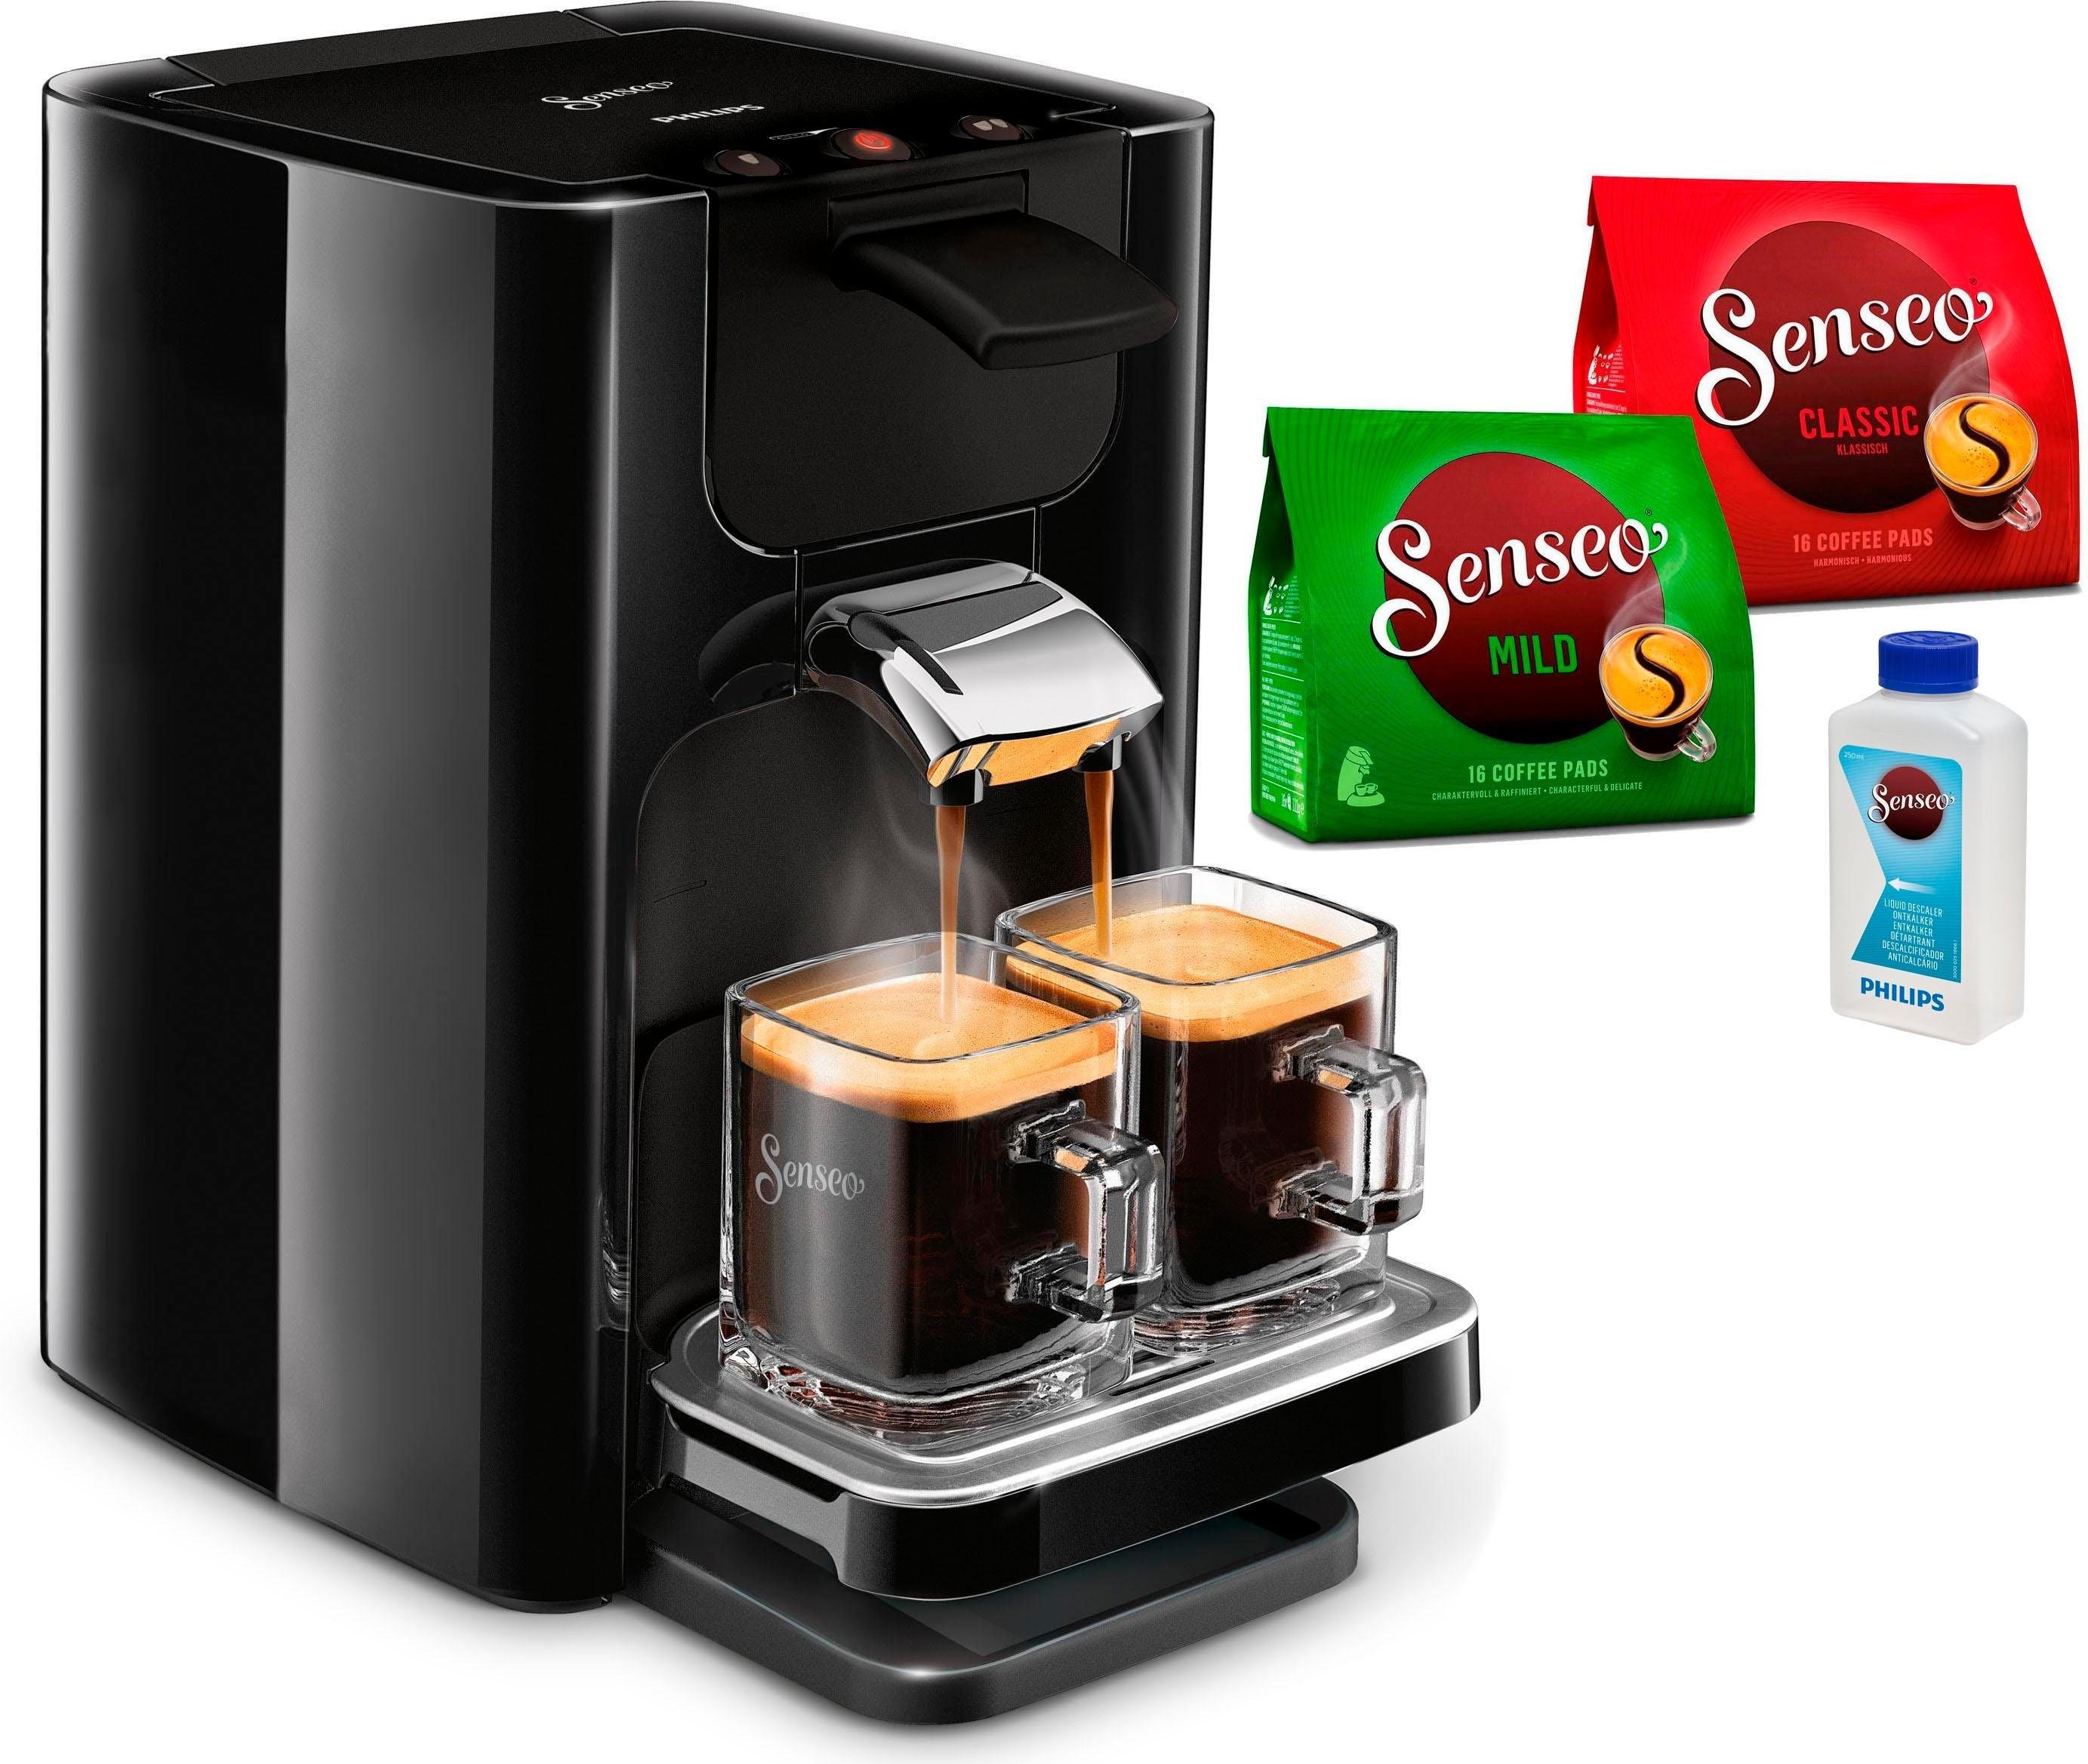 Senseo PHILIPS SENSEO®-koffiepadautomaat HD7865/60 Quadrante, met Coffee Boost, XL waterreservoir, zwart veilig op otto.nl kopen